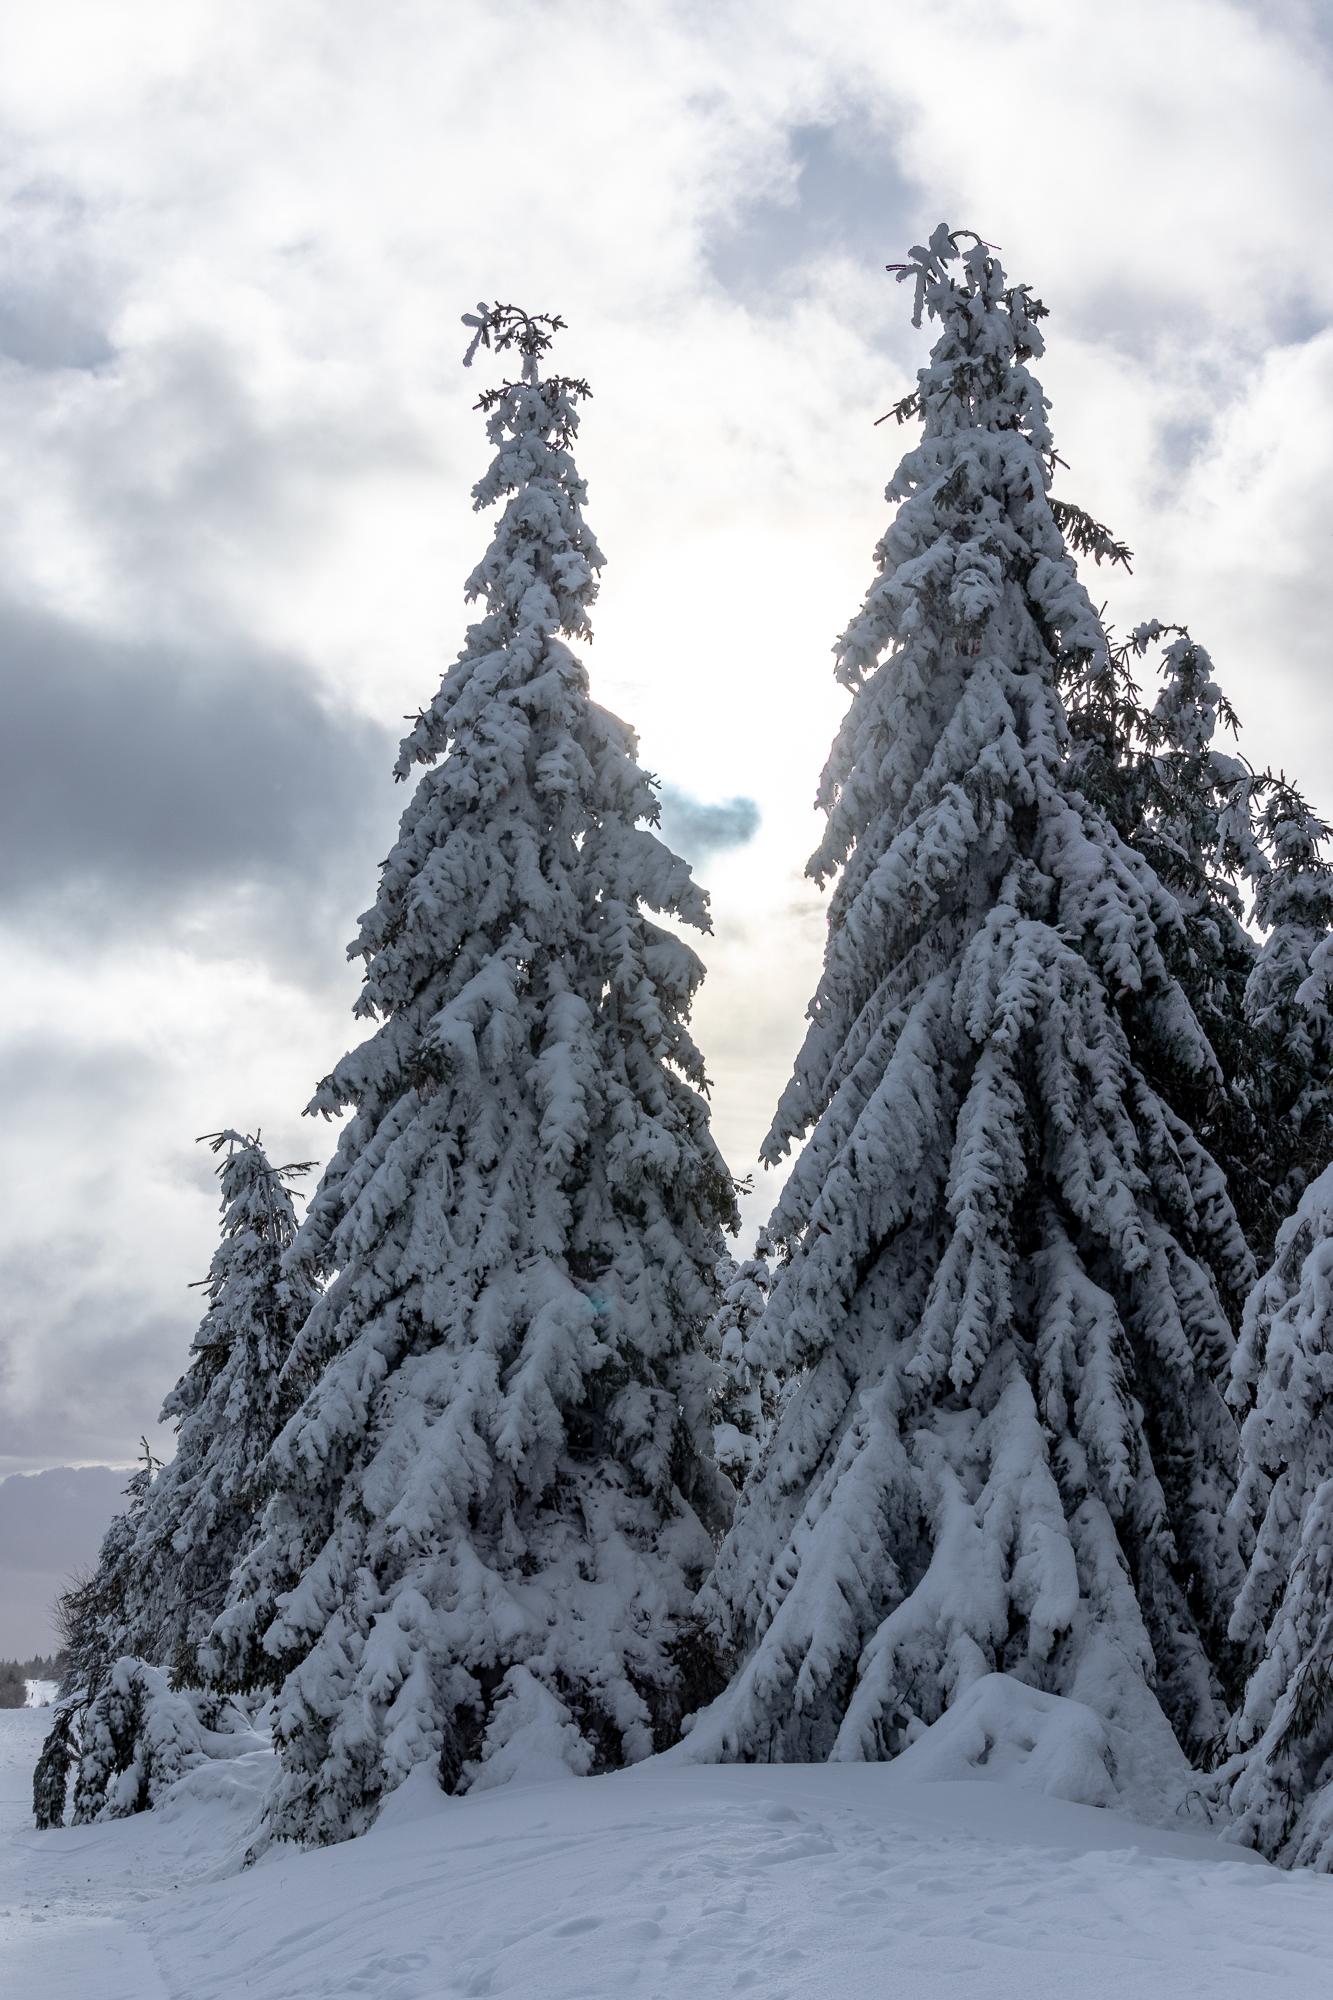 Die 2 Bäume